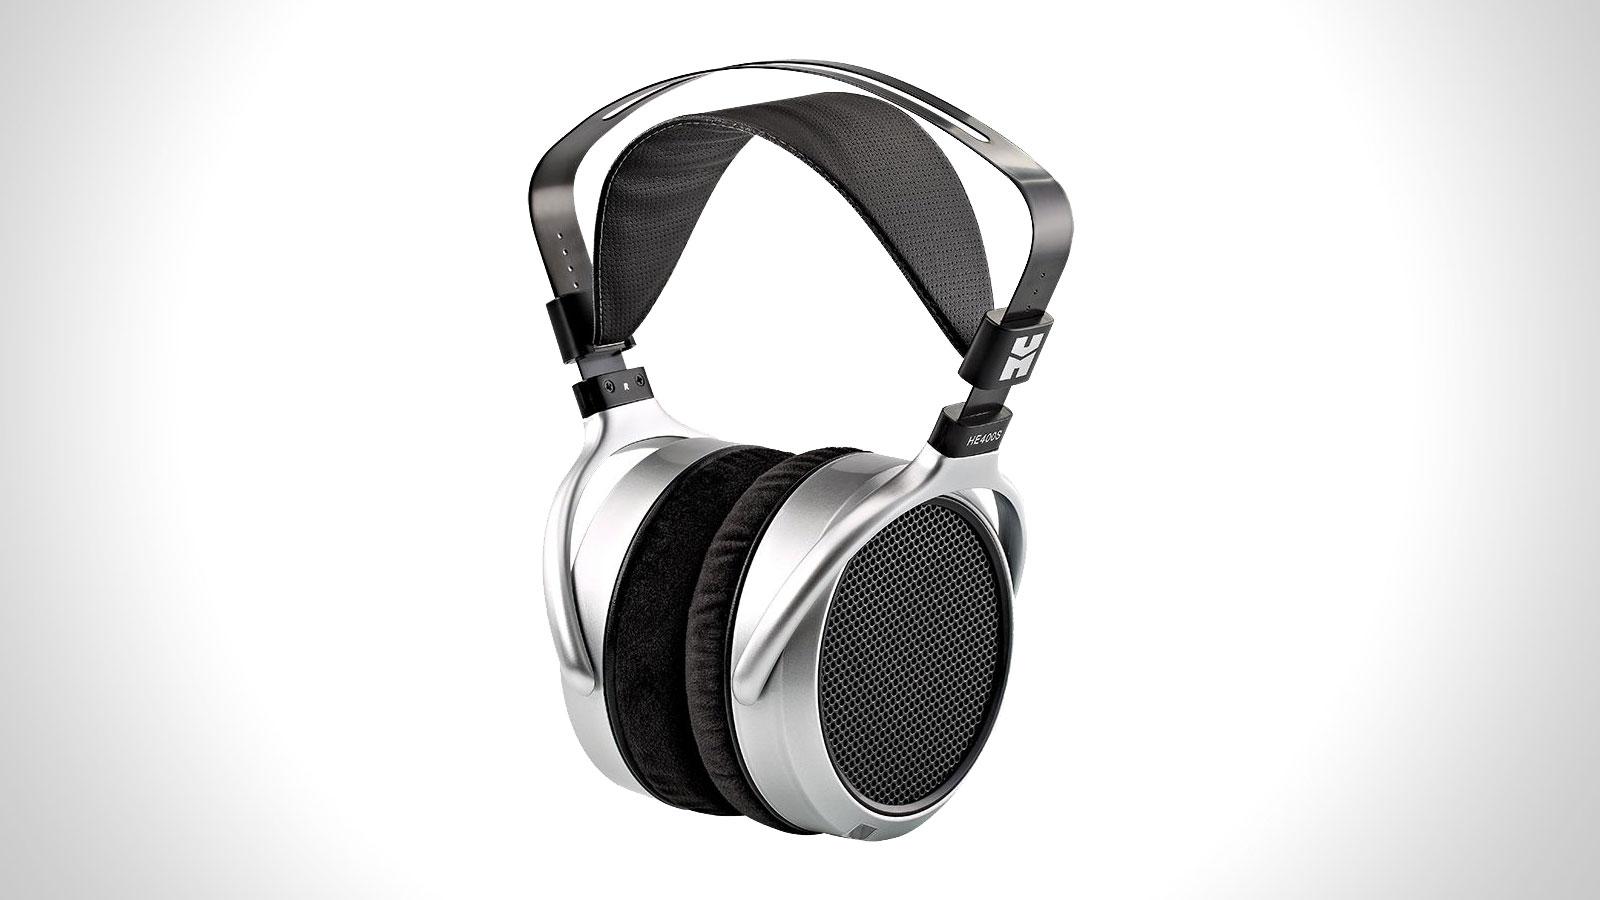 HIFIMAN HE-400S PLANAR HEADPHONES